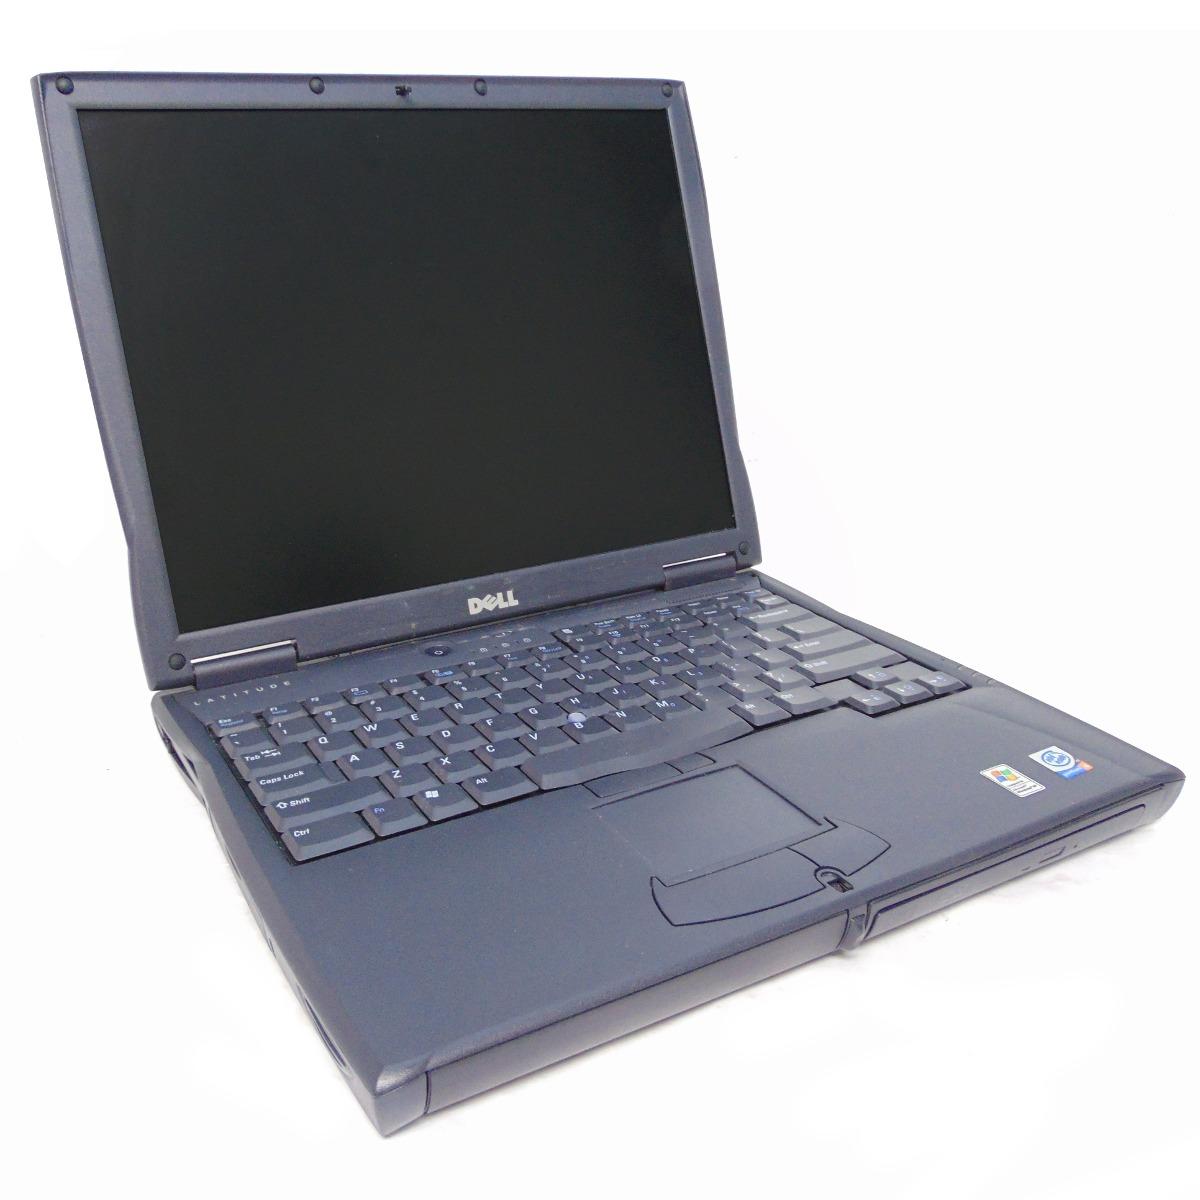 laptop dell latitude c640 512mb ram 40gb d d usado bs en mercado libre. Black Bedroom Furniture Sets. Home Design Ideas